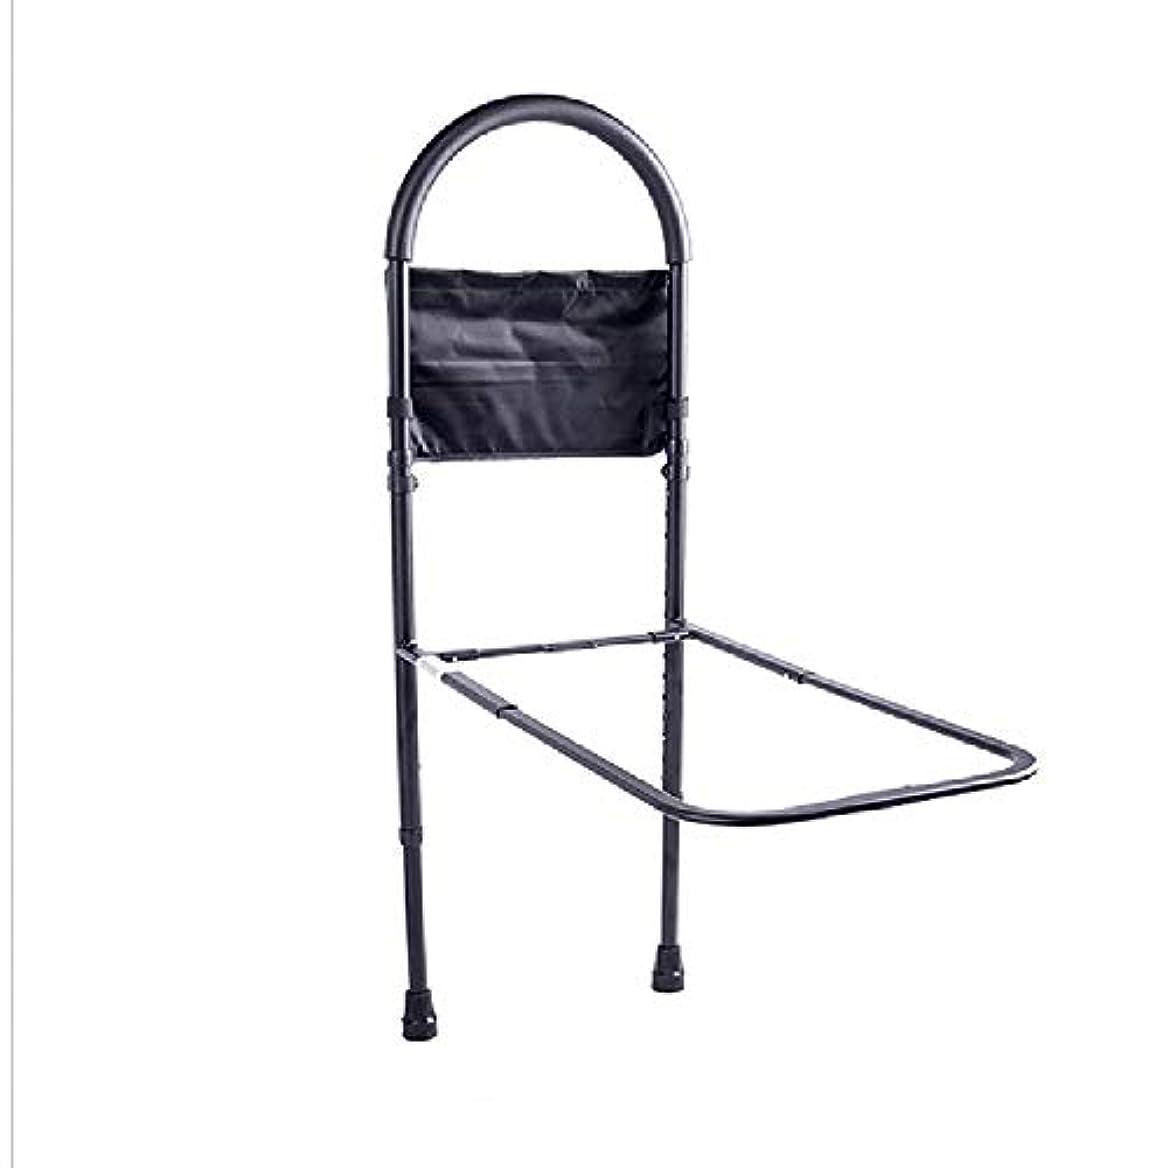 擬人化動的記事肥満者、身体障害者、ハンディキャップ、肥満者のための便利な収納ポケット付きのベッドレールアシストハンドル (Color : 黒)